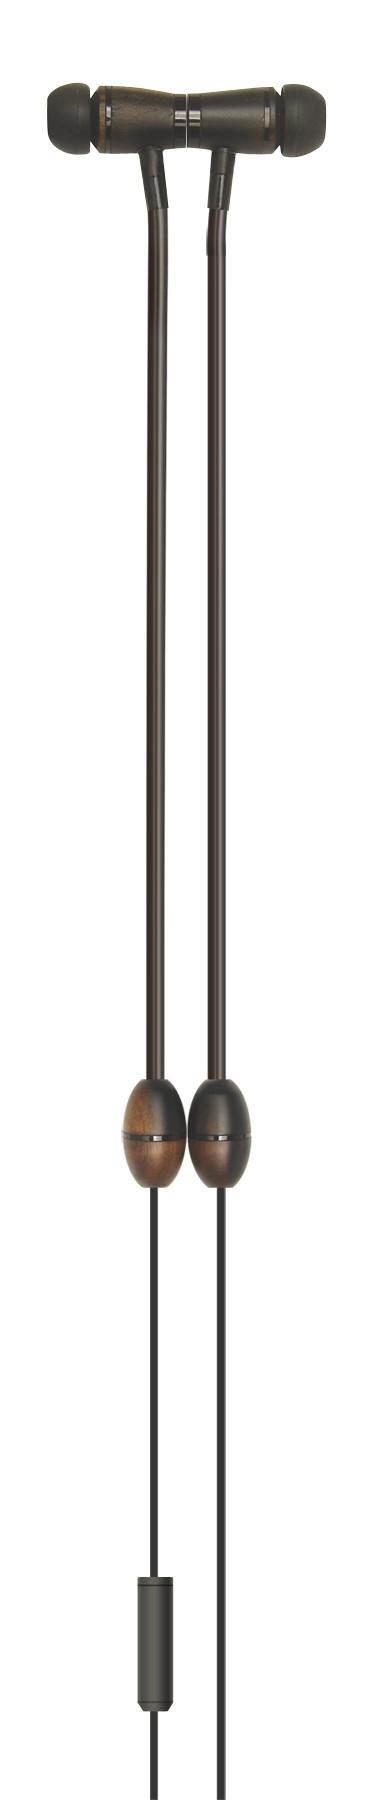 oreillette - headset aircom A5